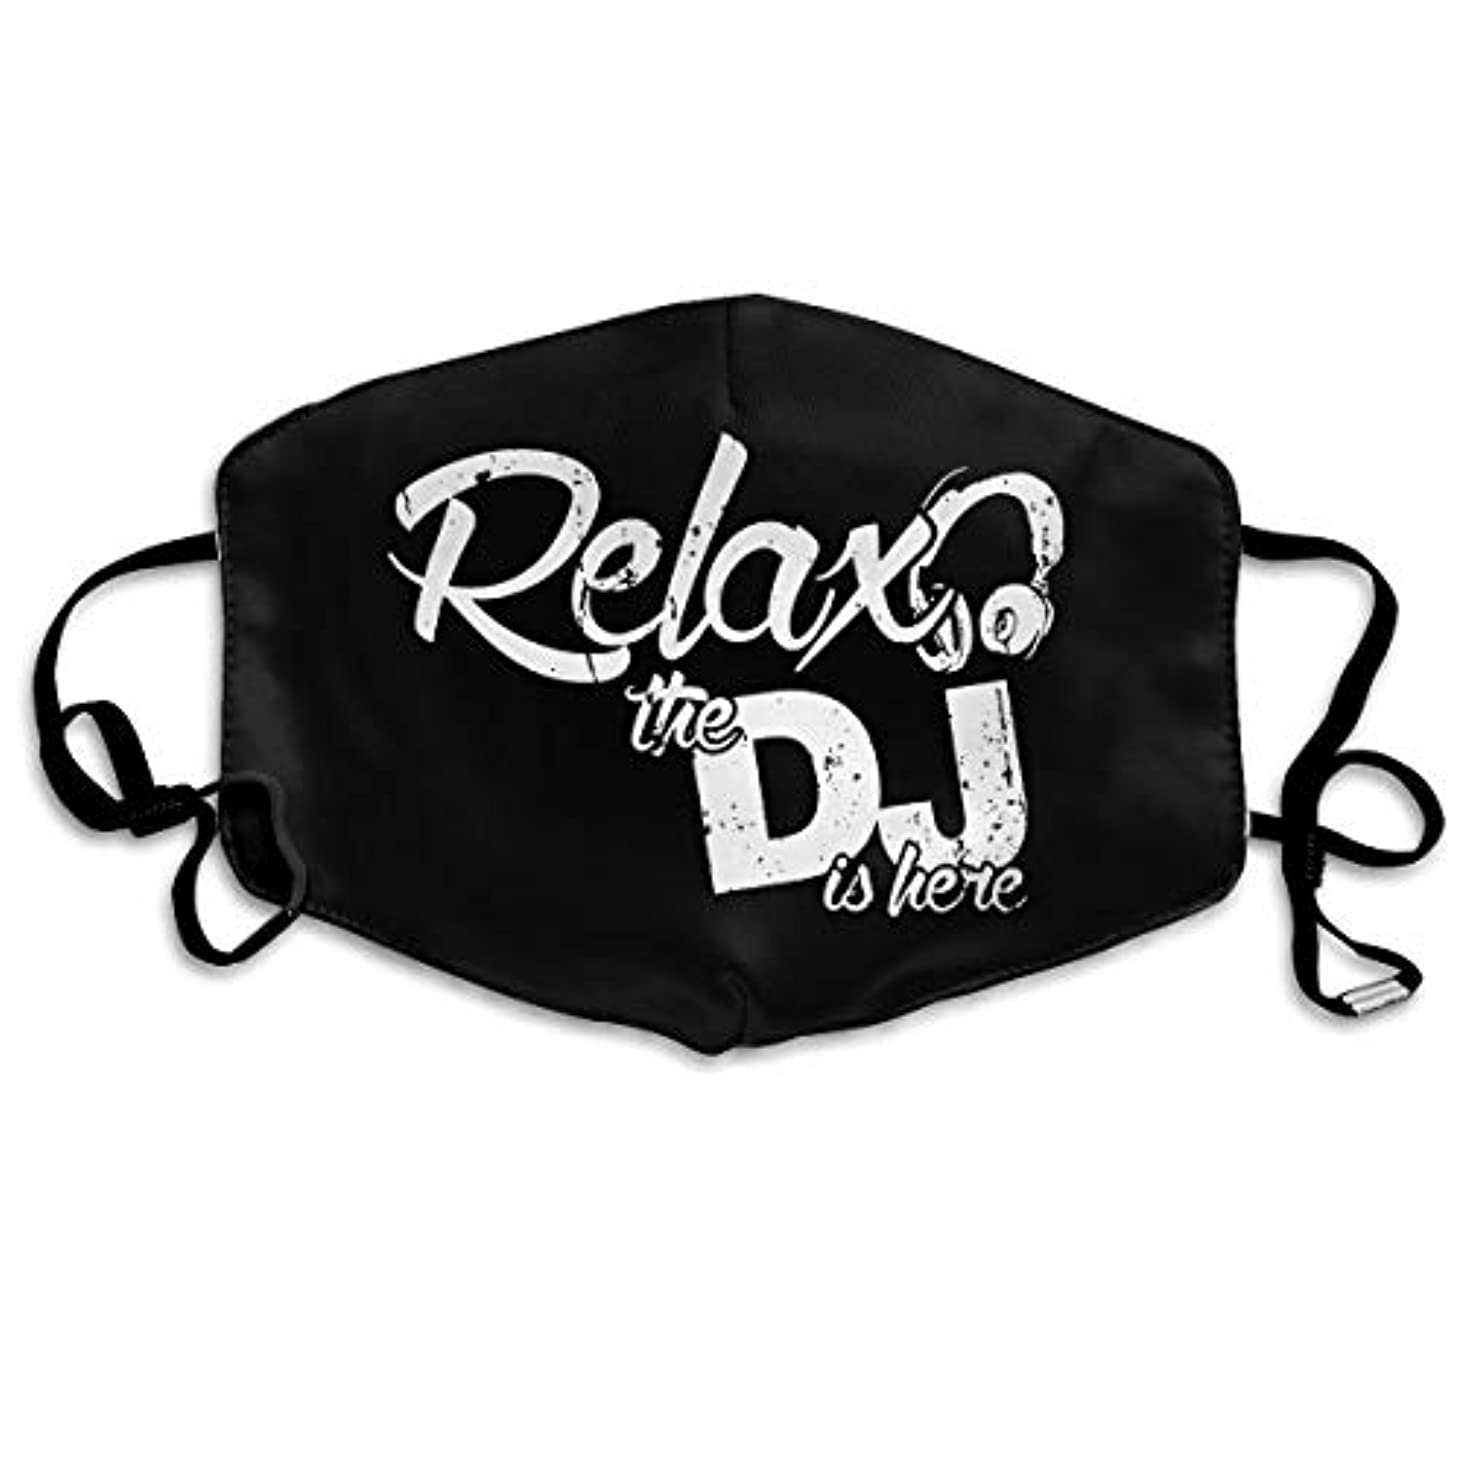 シーケンスアジテーションクラッチMorningligh リラックス DJ マスク 使い捨てマスク ファッションマスク 個別包装 まとめ買い 防災 避難 緊急 抗菌 花粉症予防 風邪予防 男女兼用 健康を守るため